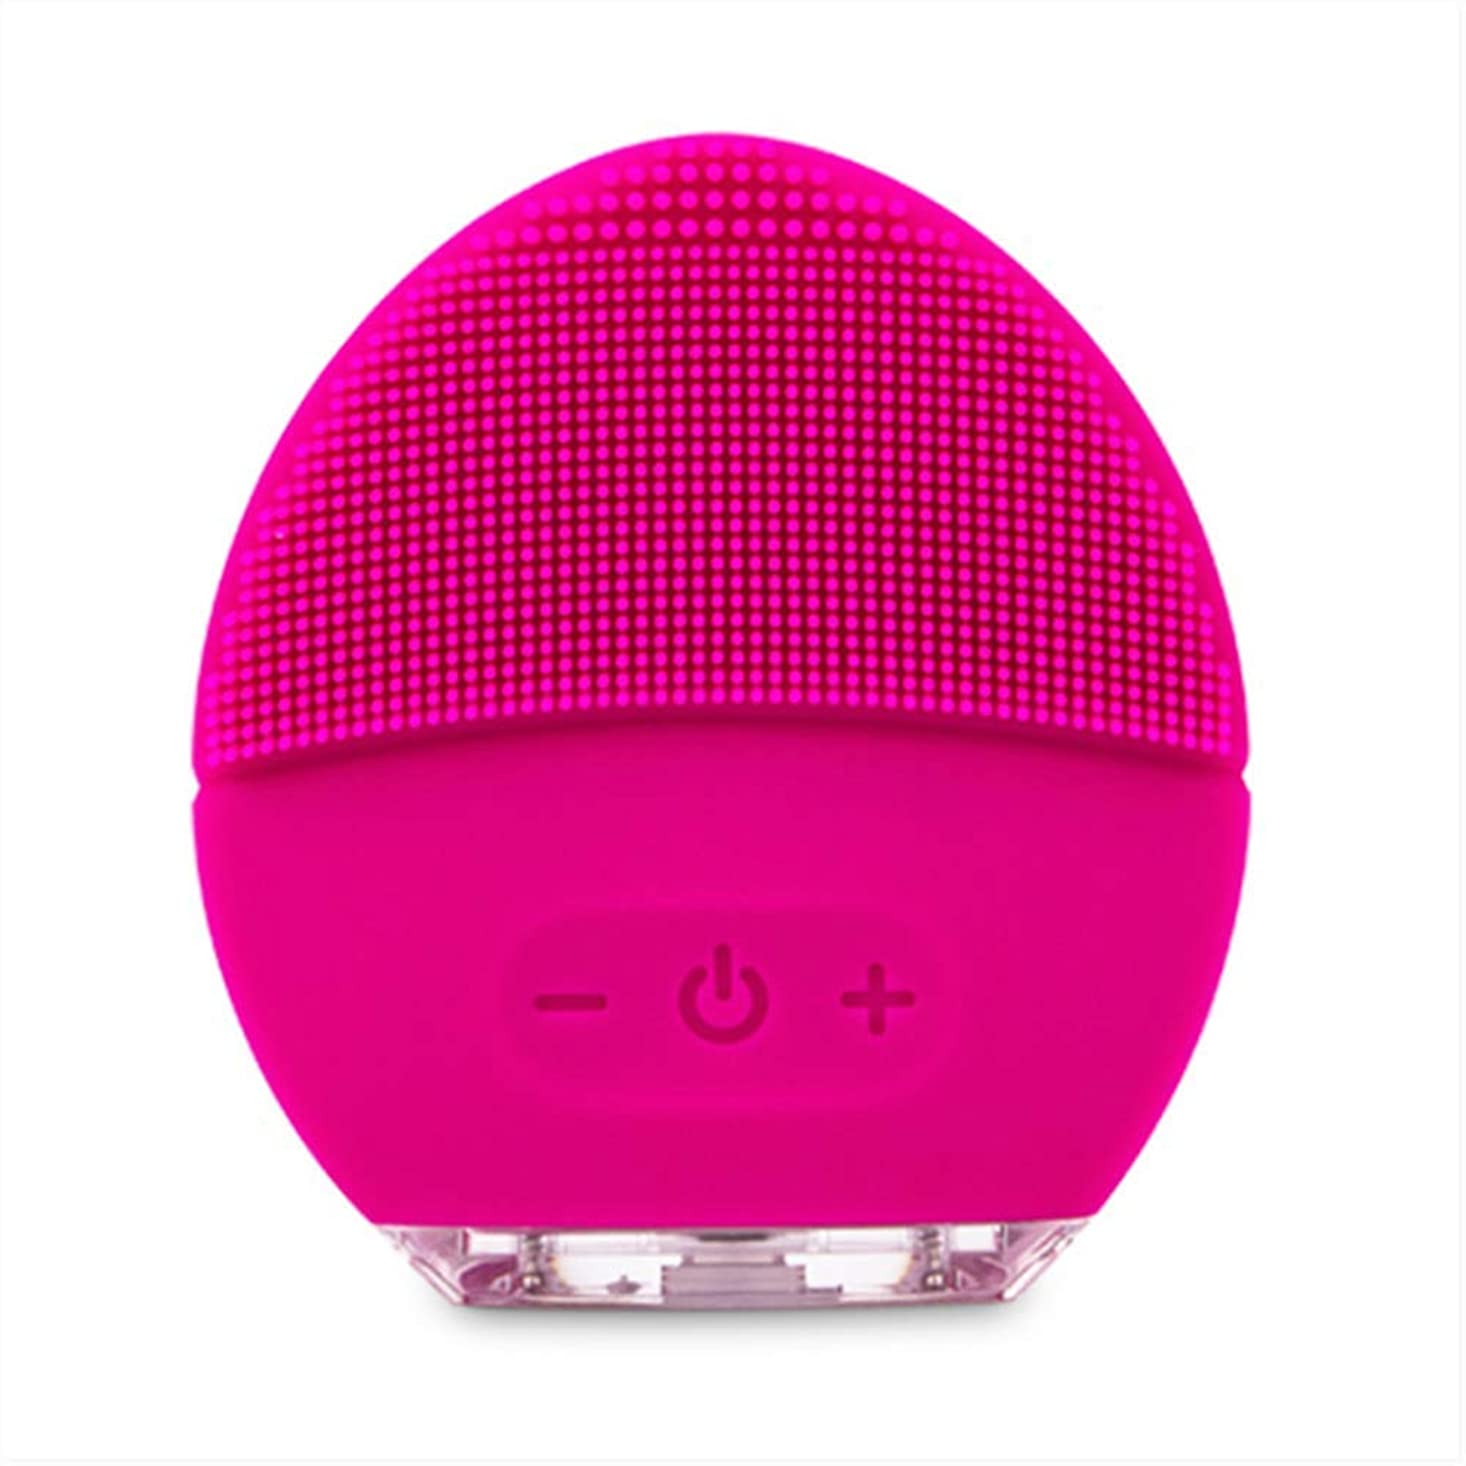 YANGDIレッド新シリコーンクレンジングインストゥルメント電気洗浄器具超音波美容楽器フェイスポアクリーナー